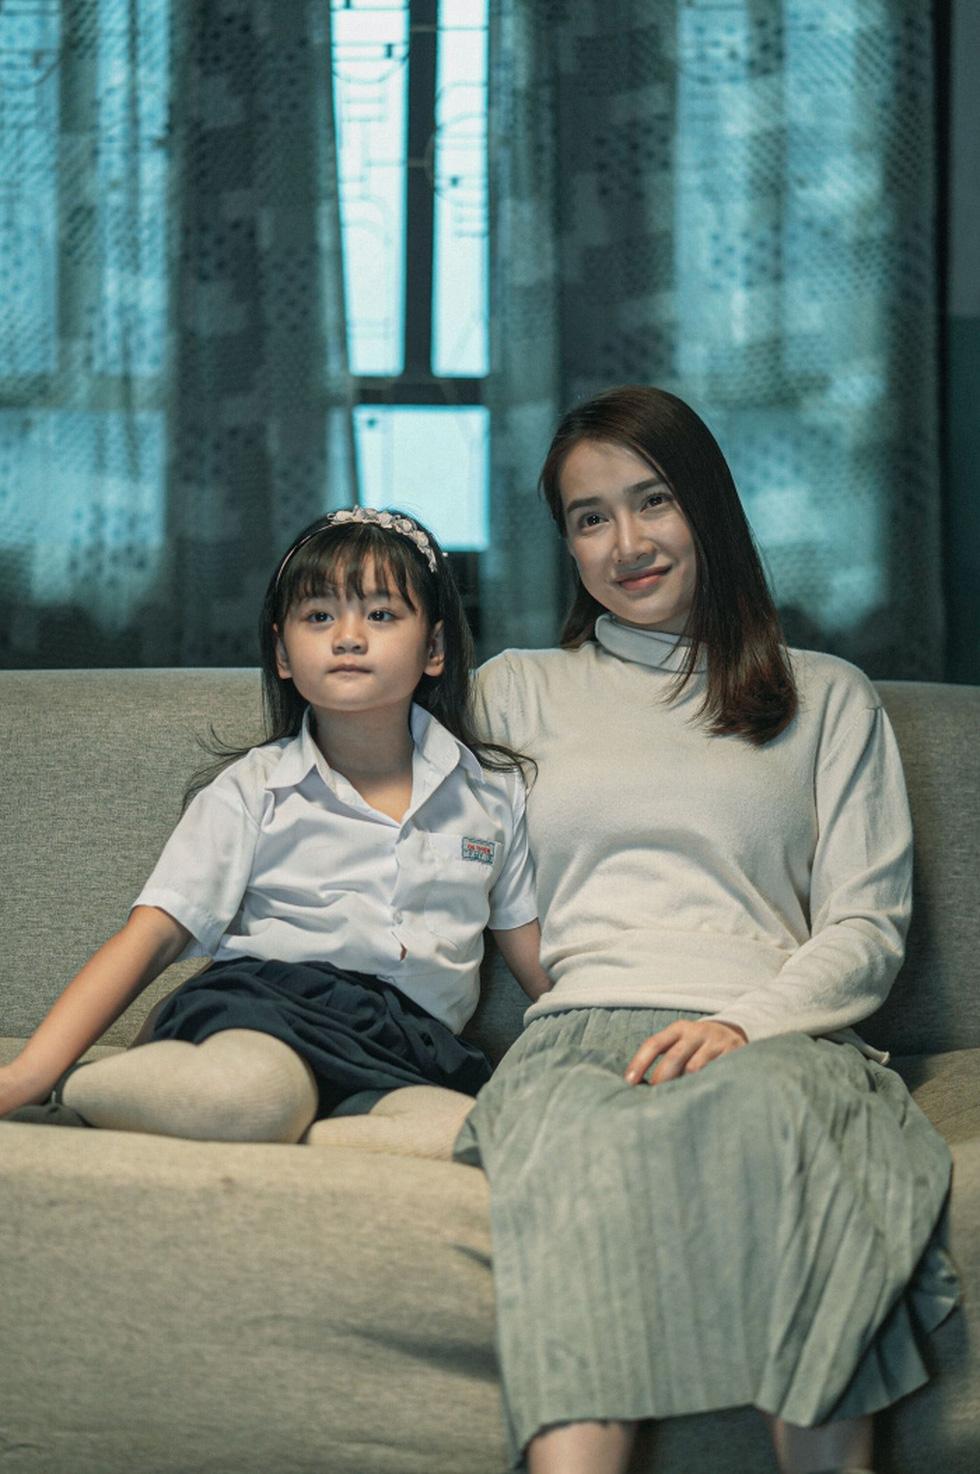 Nhã Phương trở lại với 3 vai diễn:  Người mẹ dịu dàng và cô con gái ngổ ngáo - Ảnh 4.